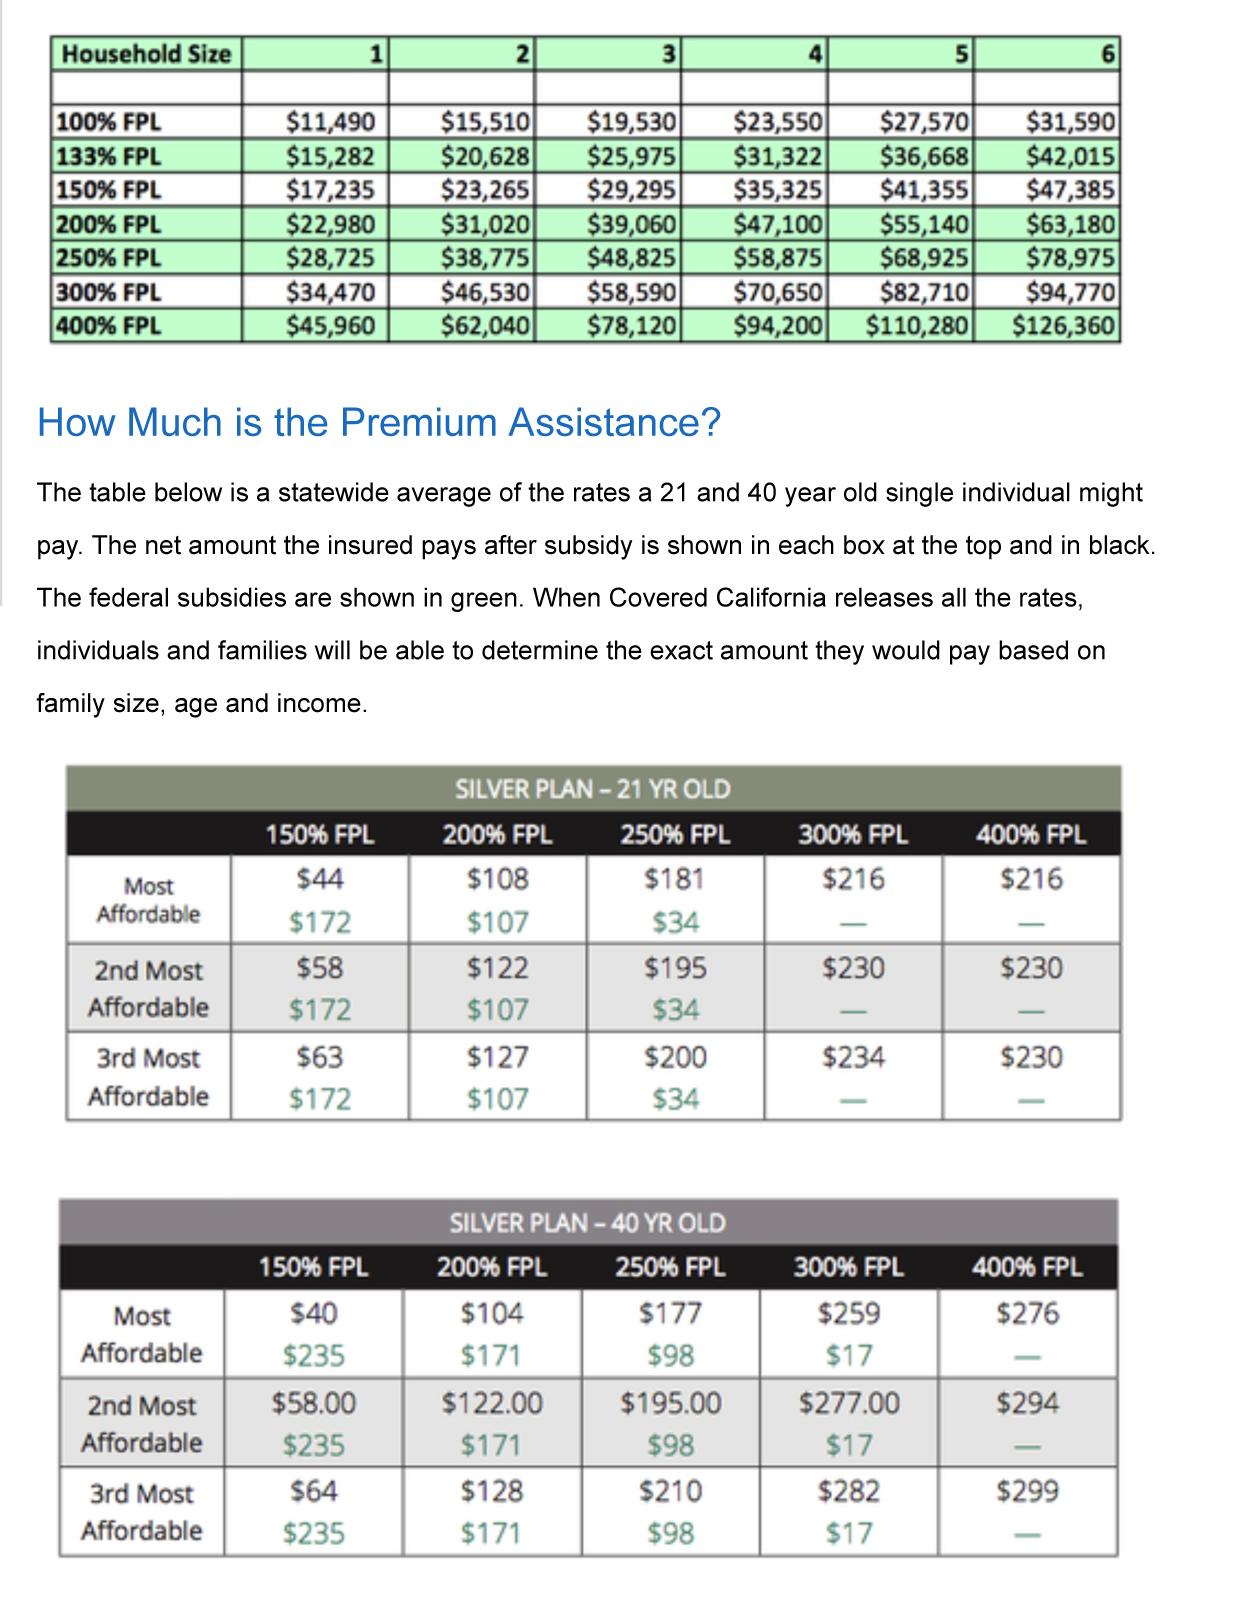 Premium Assistance Tables | Johnson & Associates Health ...